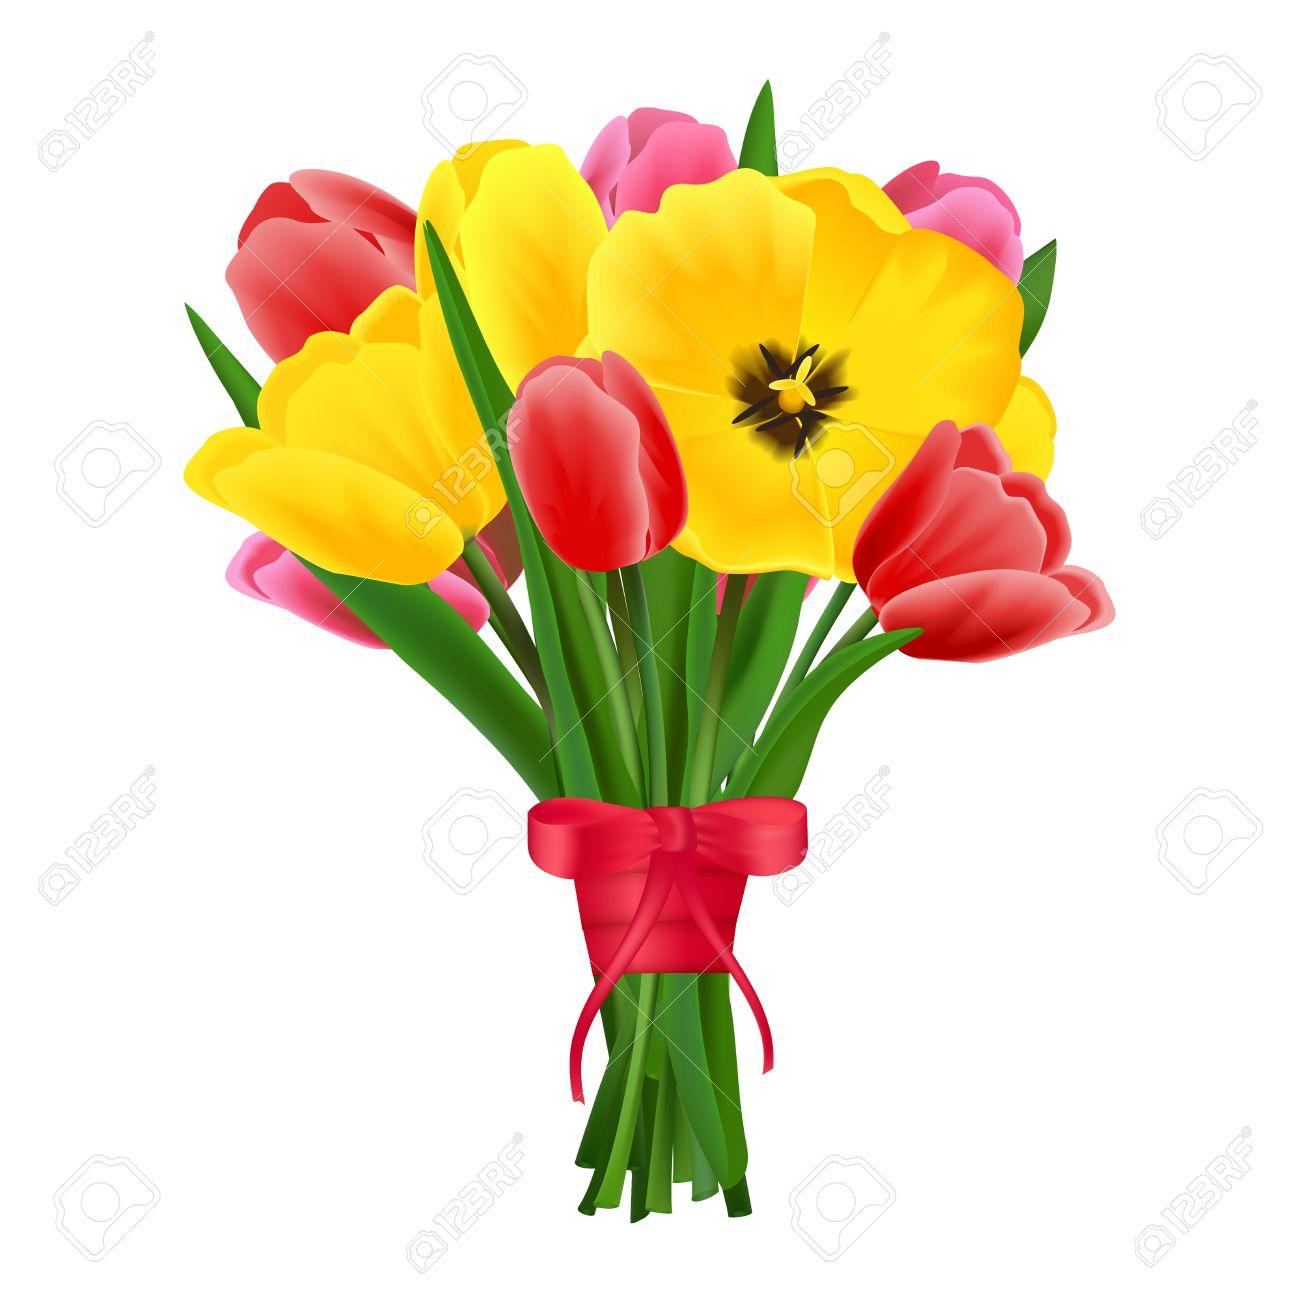 Banque d\u0027images , Multicolore belle floraison tulipe fleurs bouquet de  fleurs vecteur réaliste illustration.